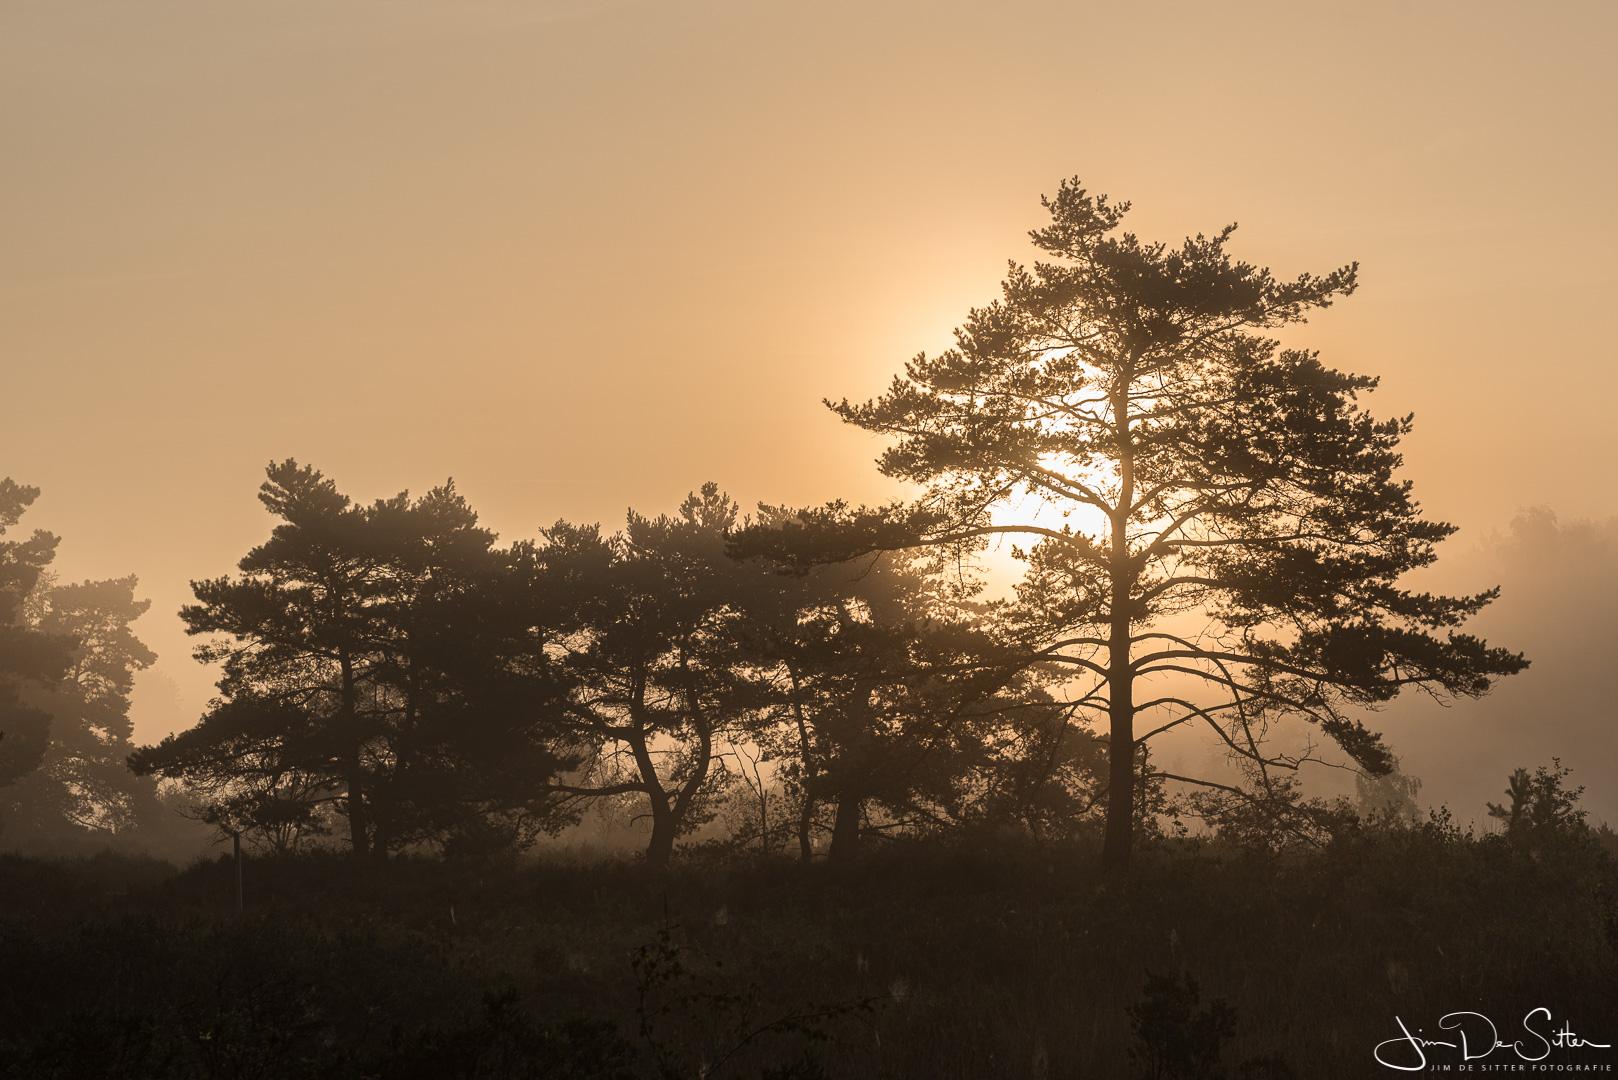 Landschapsfoto : De Teut op een zomerse ochtend